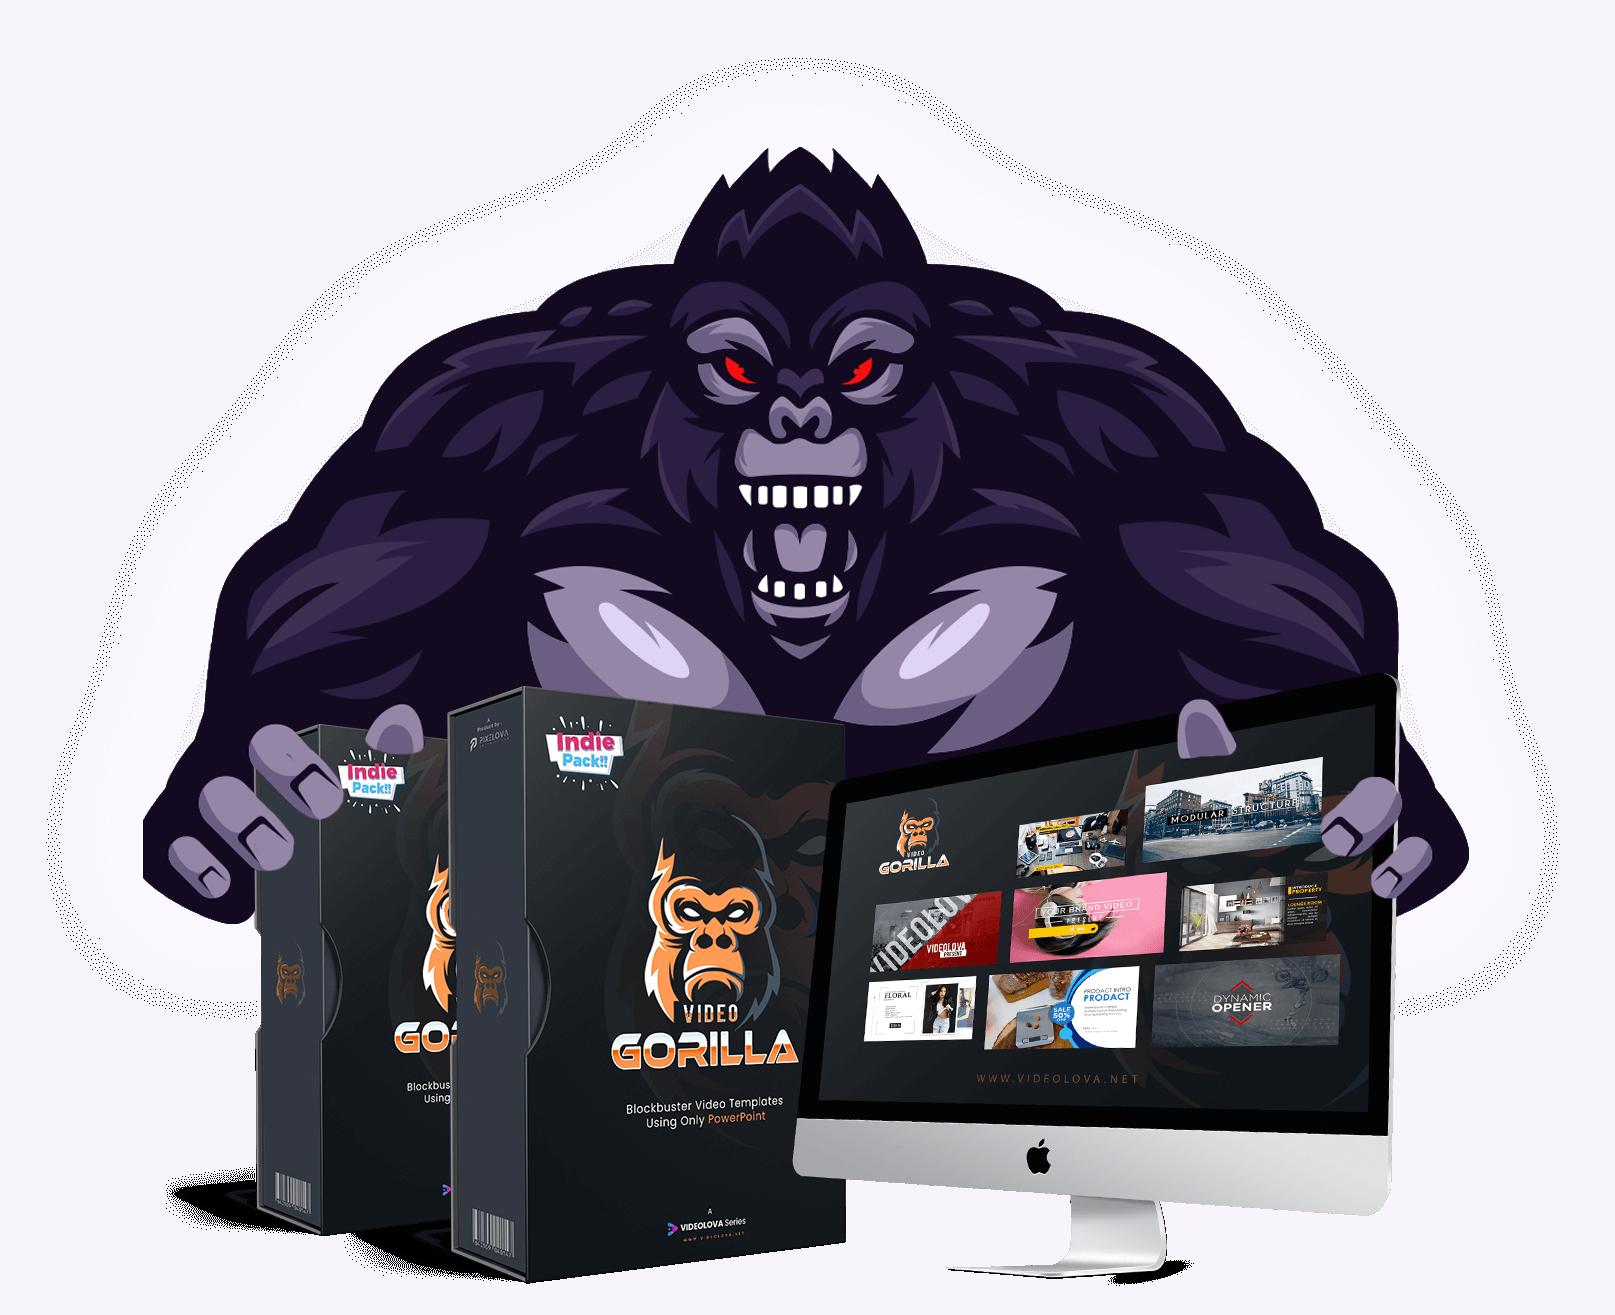 VIDEO GORILLA - Dynamic & Multipurpose Video Marketing Kit Free Download